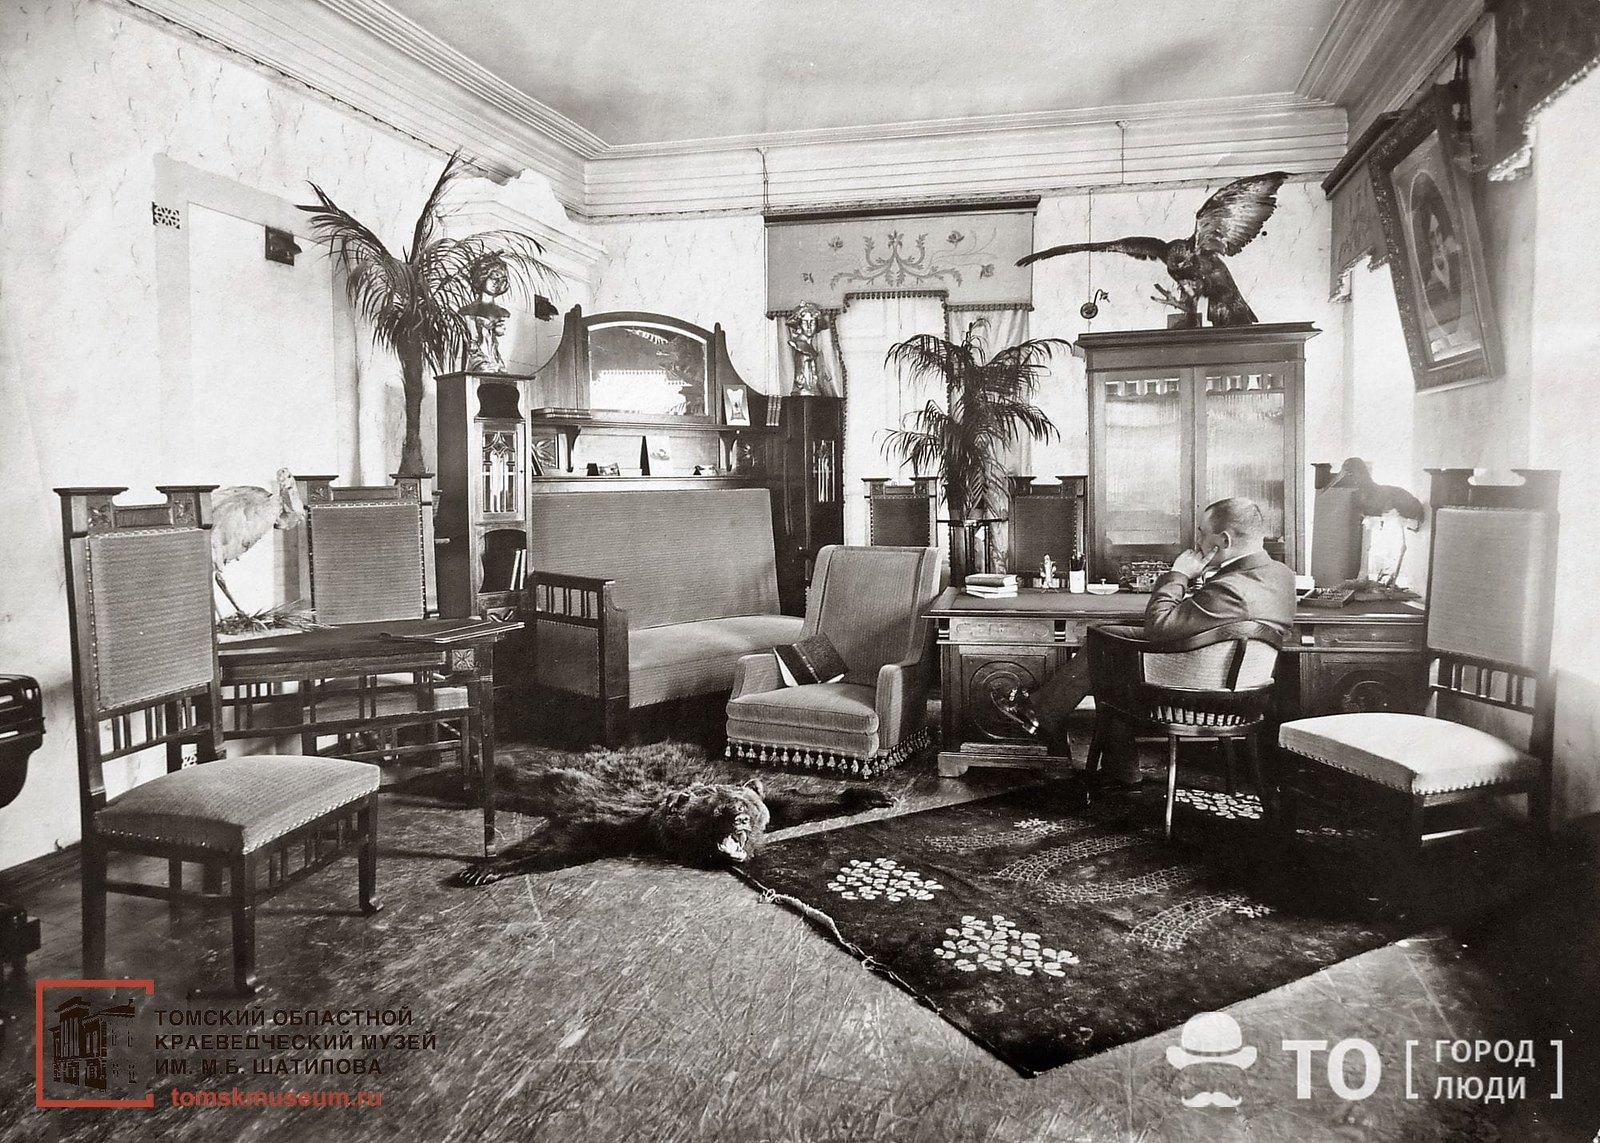 Домашний кабинет купца Иннокентия Ивановича Гадалова. 1900